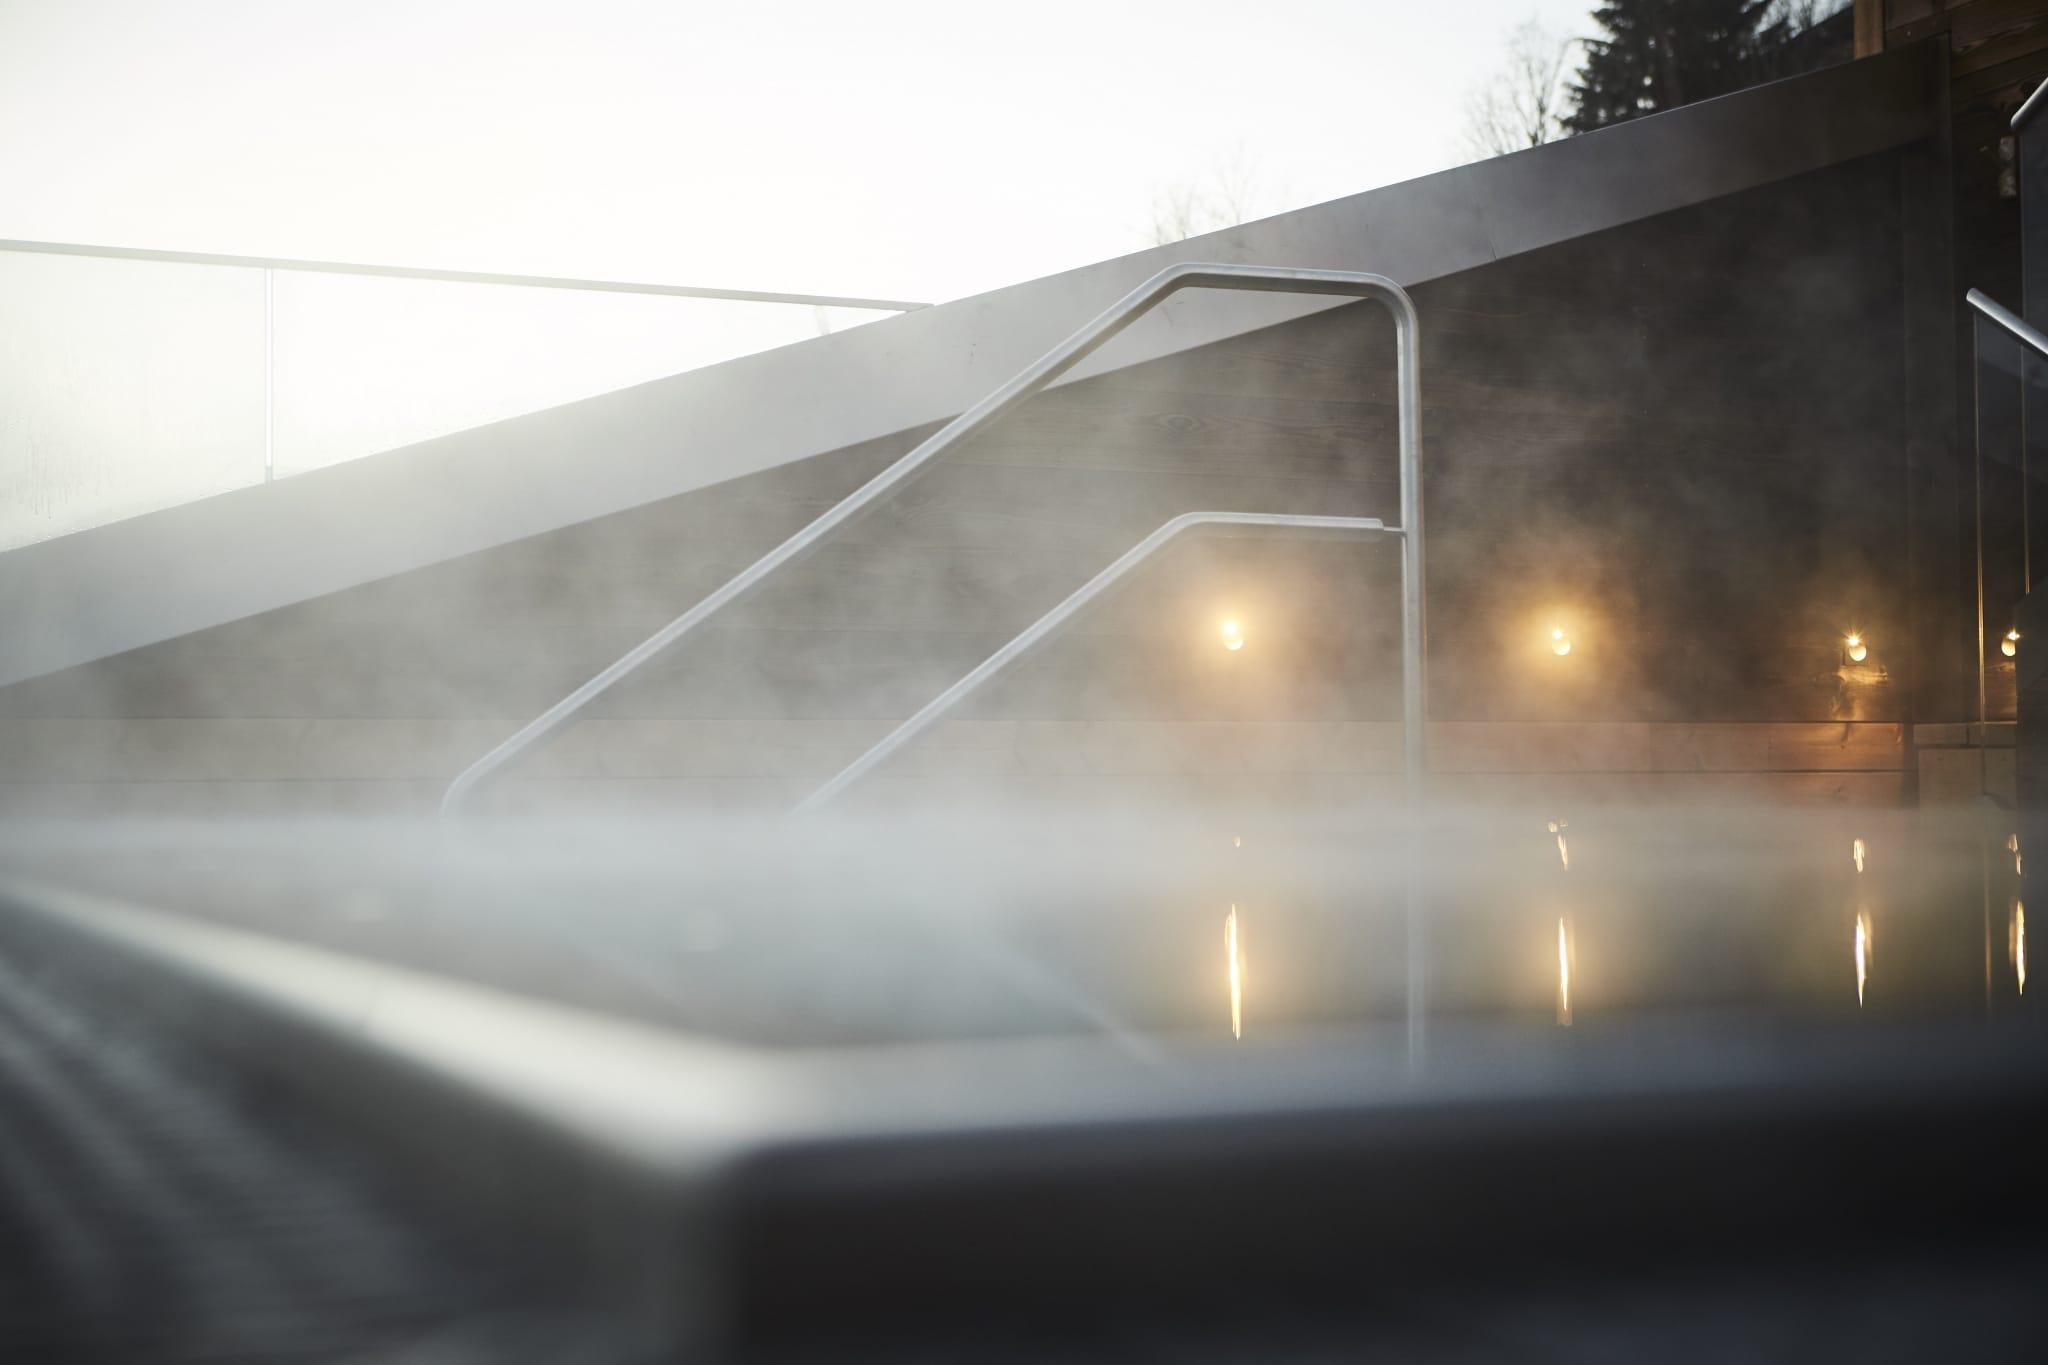 Dampf steigt vom beheizten Außenwhirlpool auf